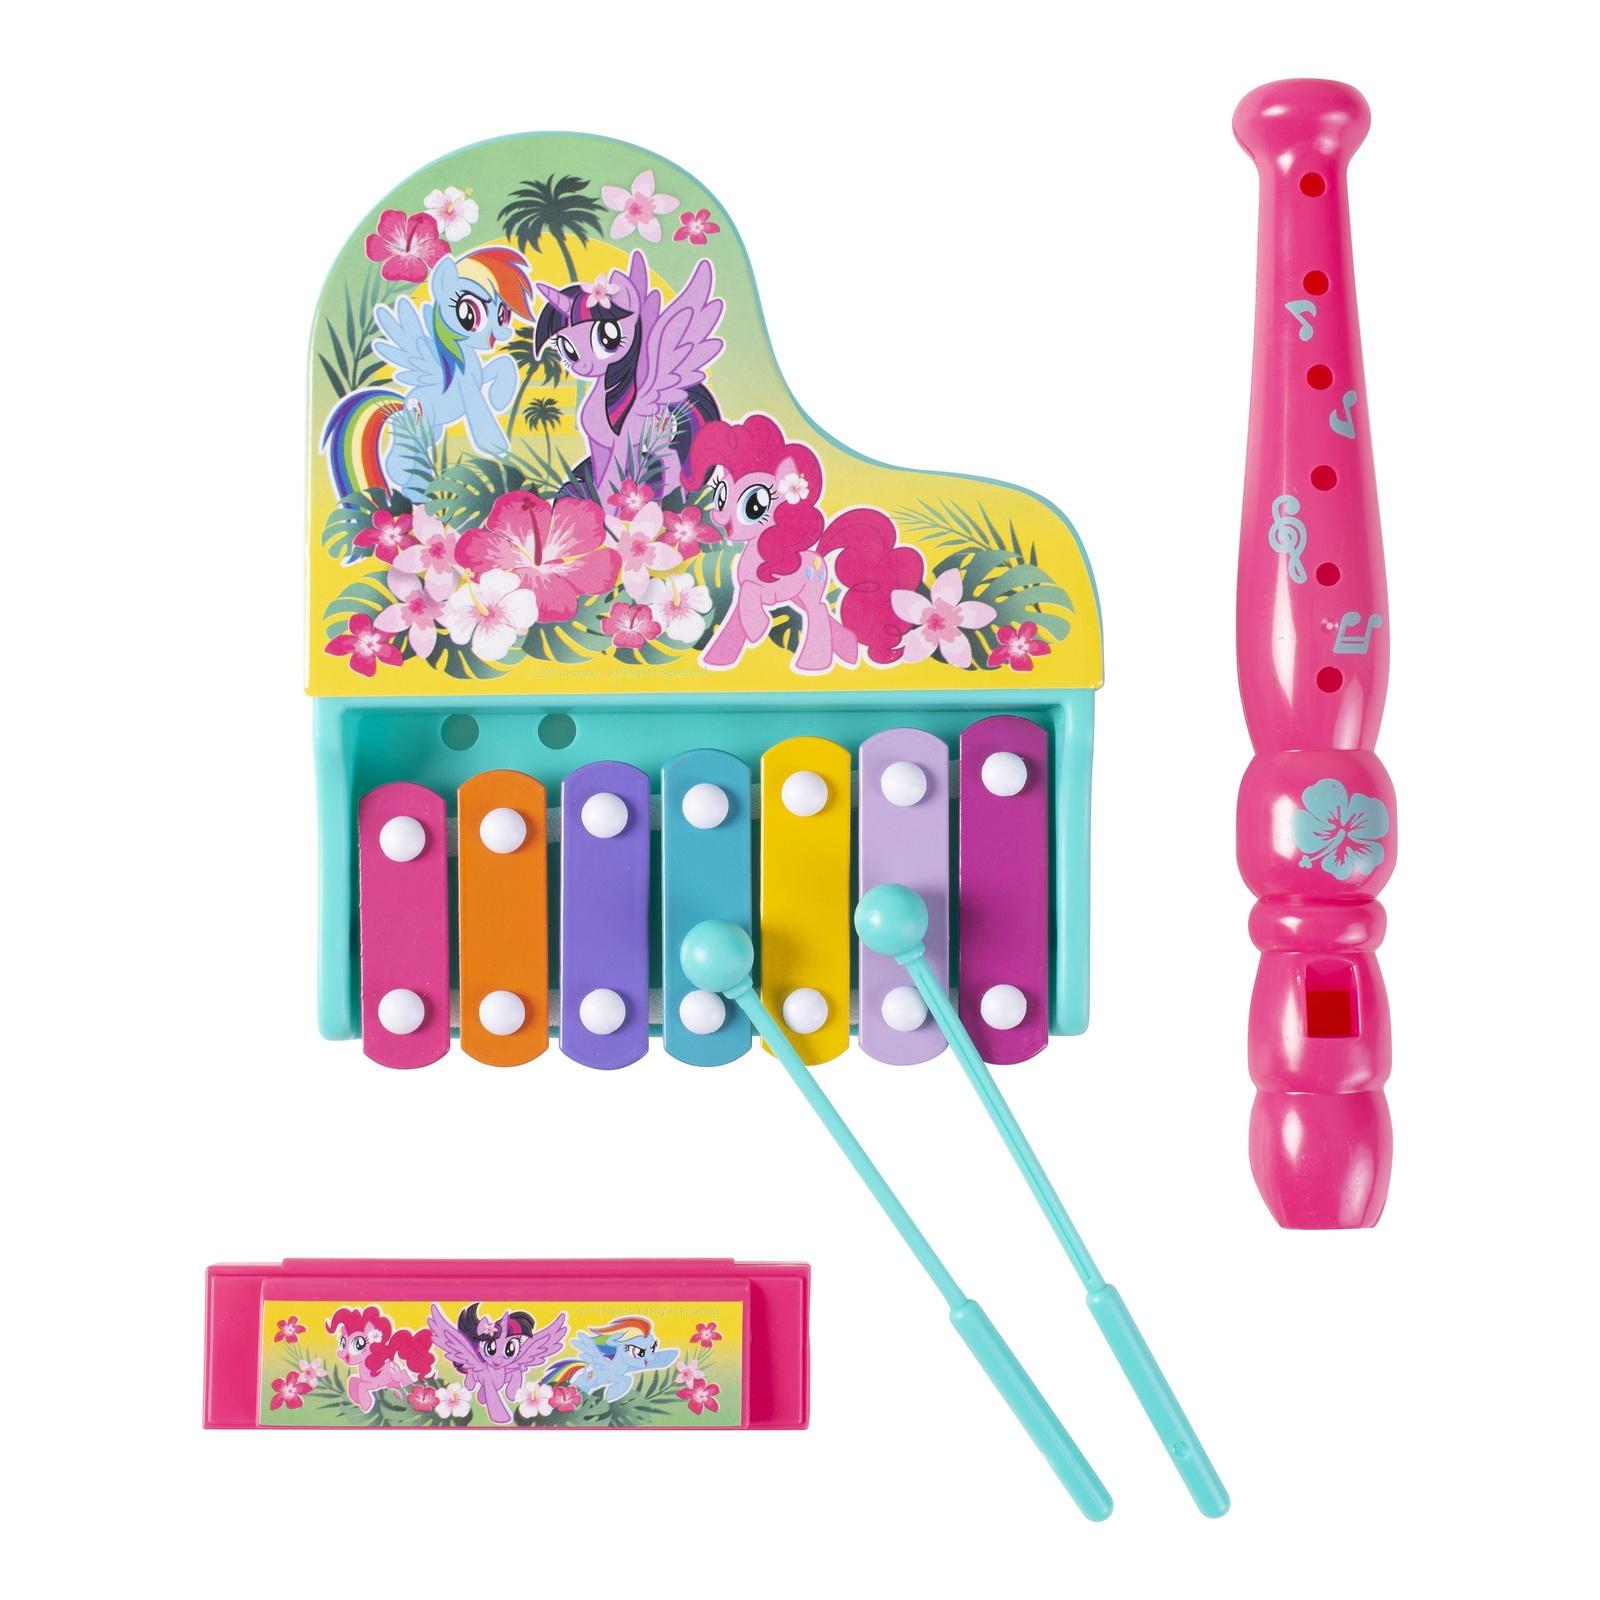 Детский музыкальный инструмент Мой маленький пони Набор игрушечных музыкальных инструментов